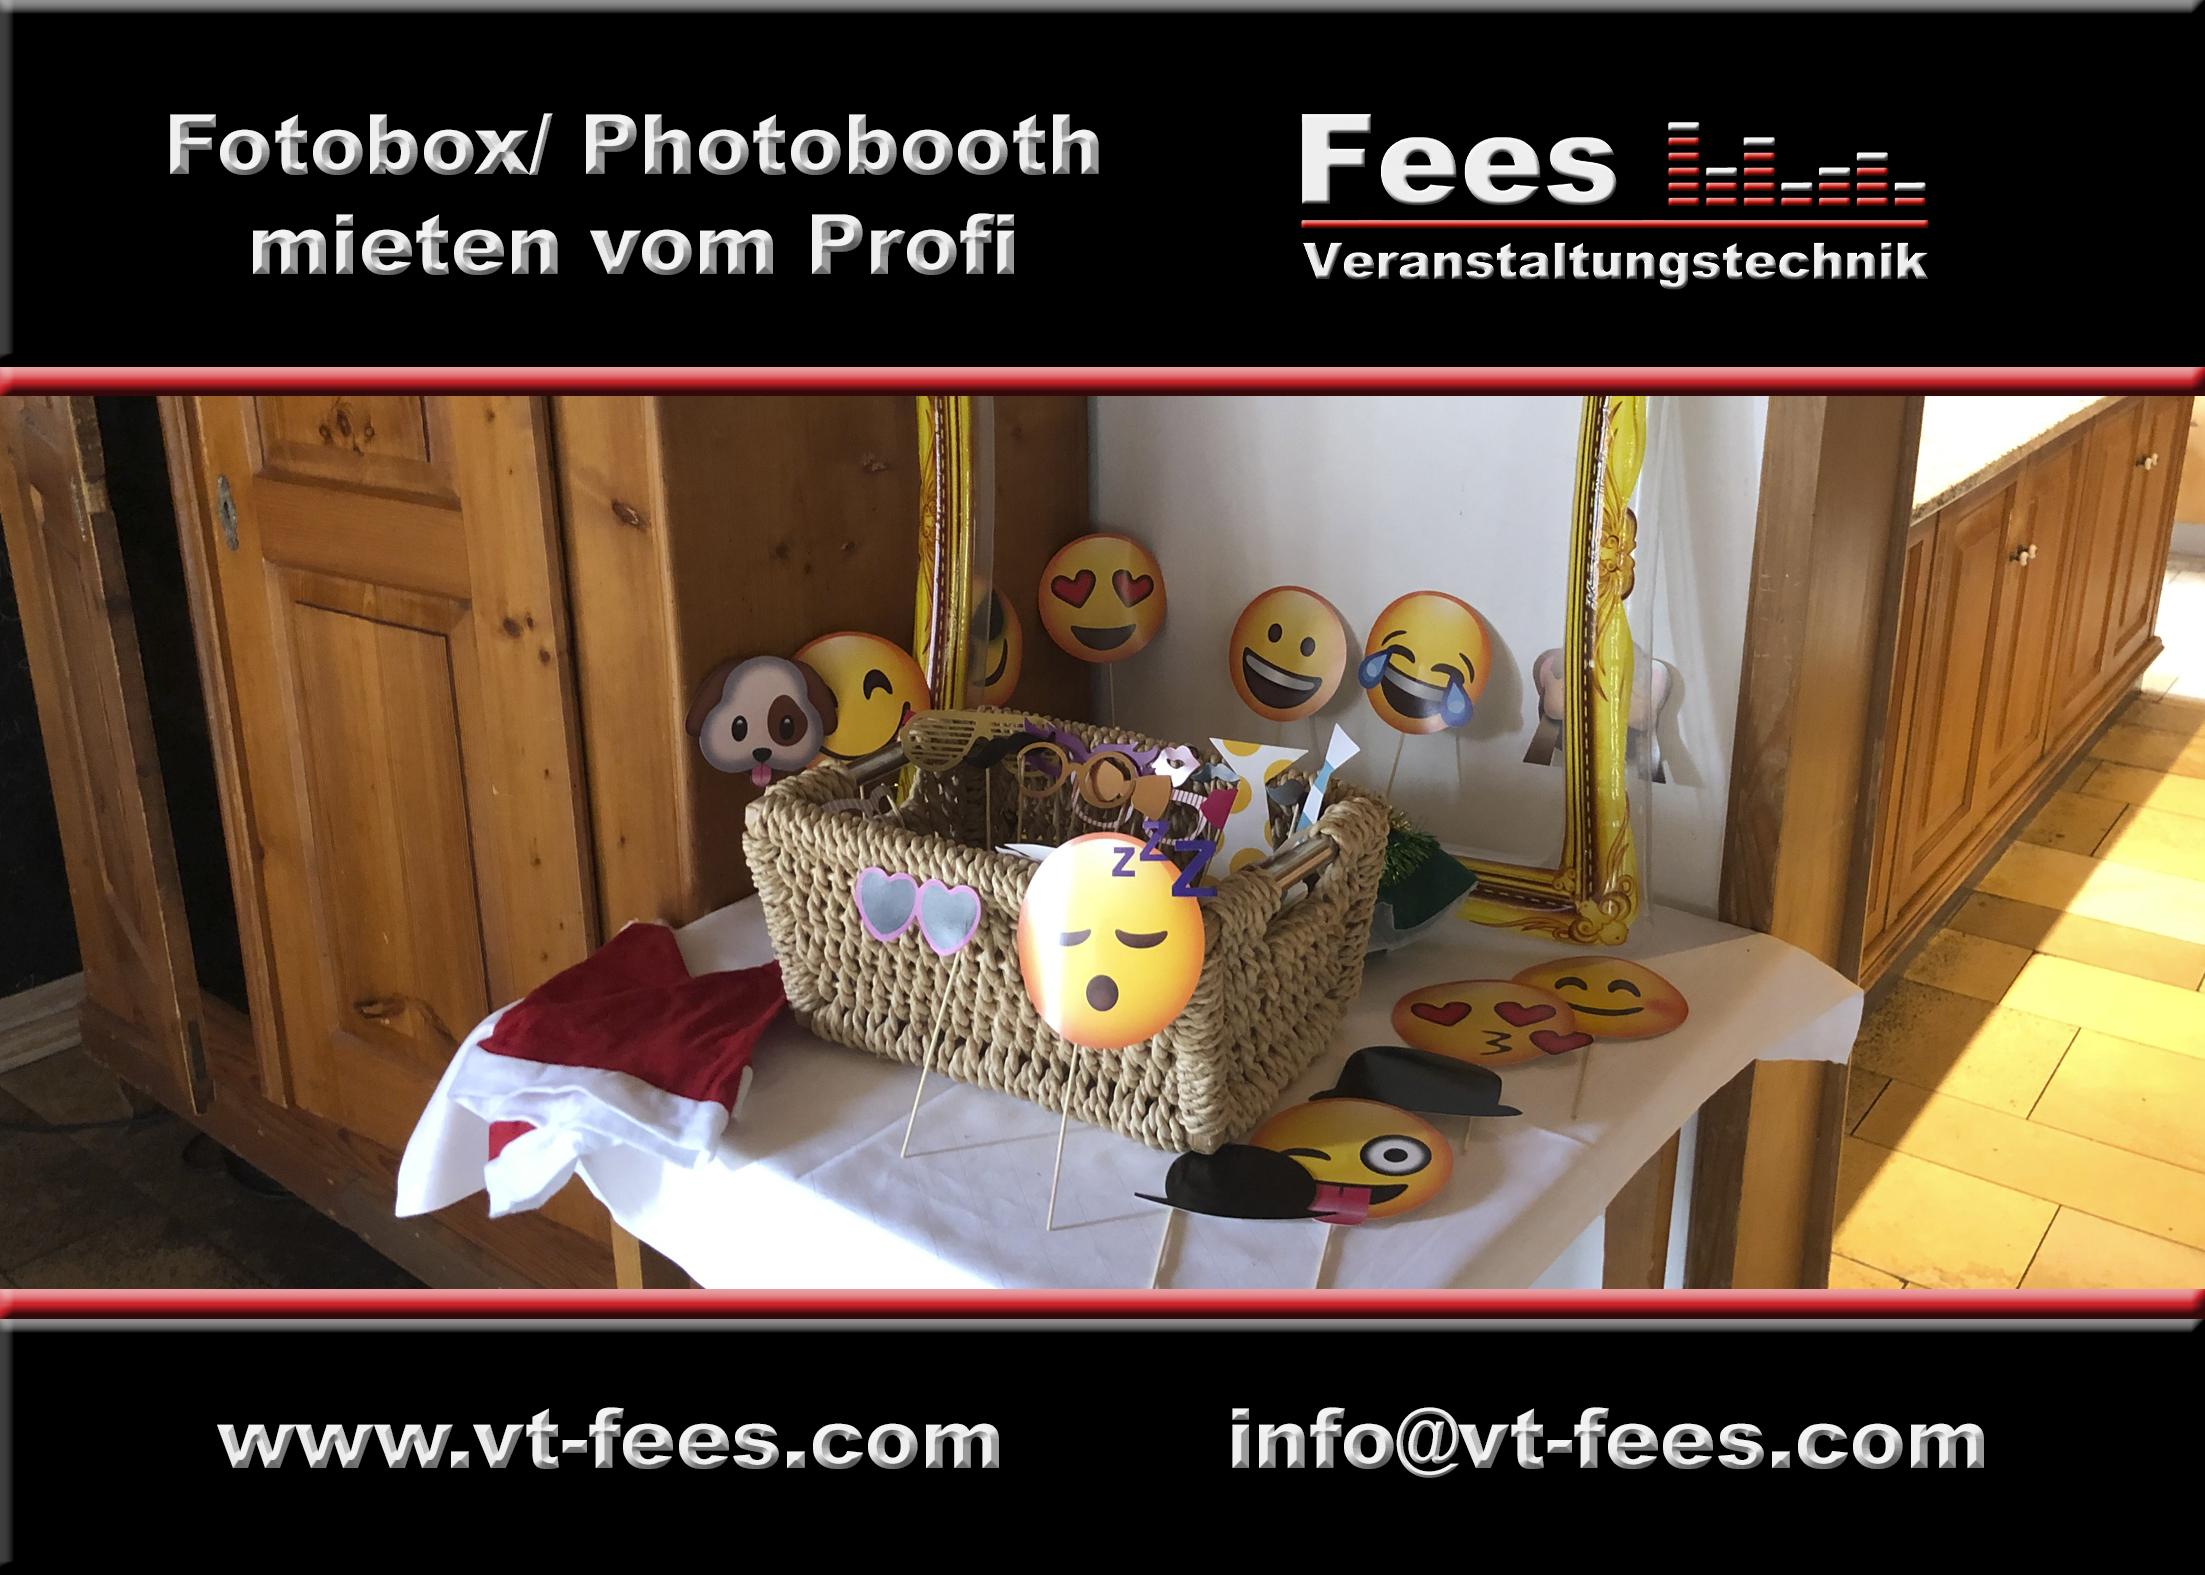 Photobooth Mieten 5